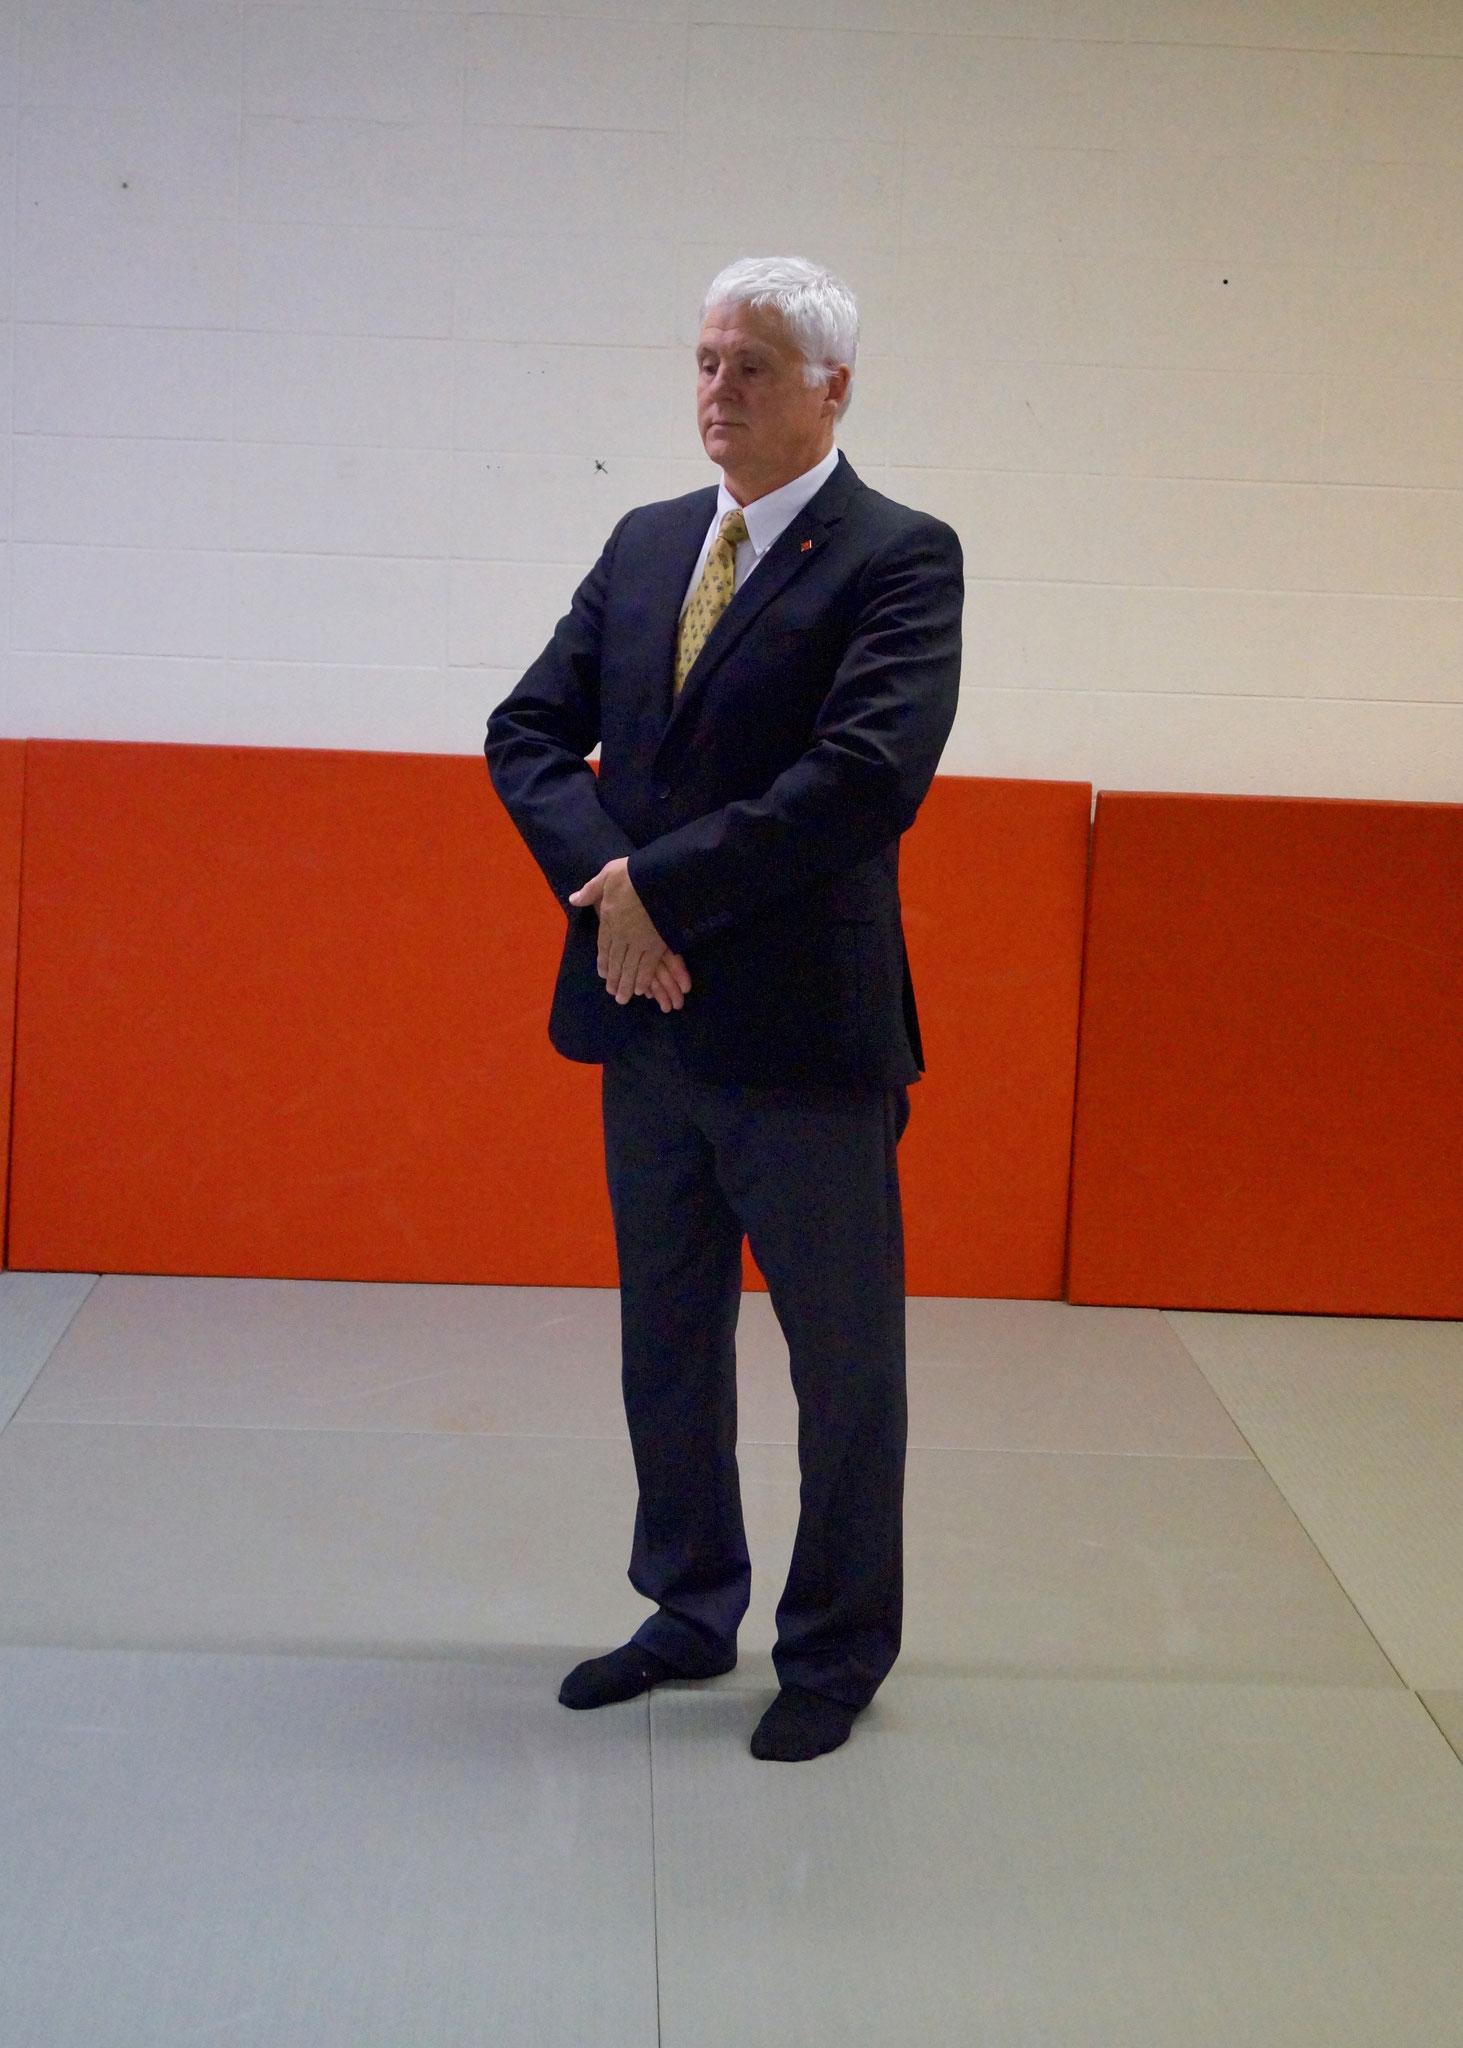 Habillement ou remettre son judogi avec sa ceinture correctement